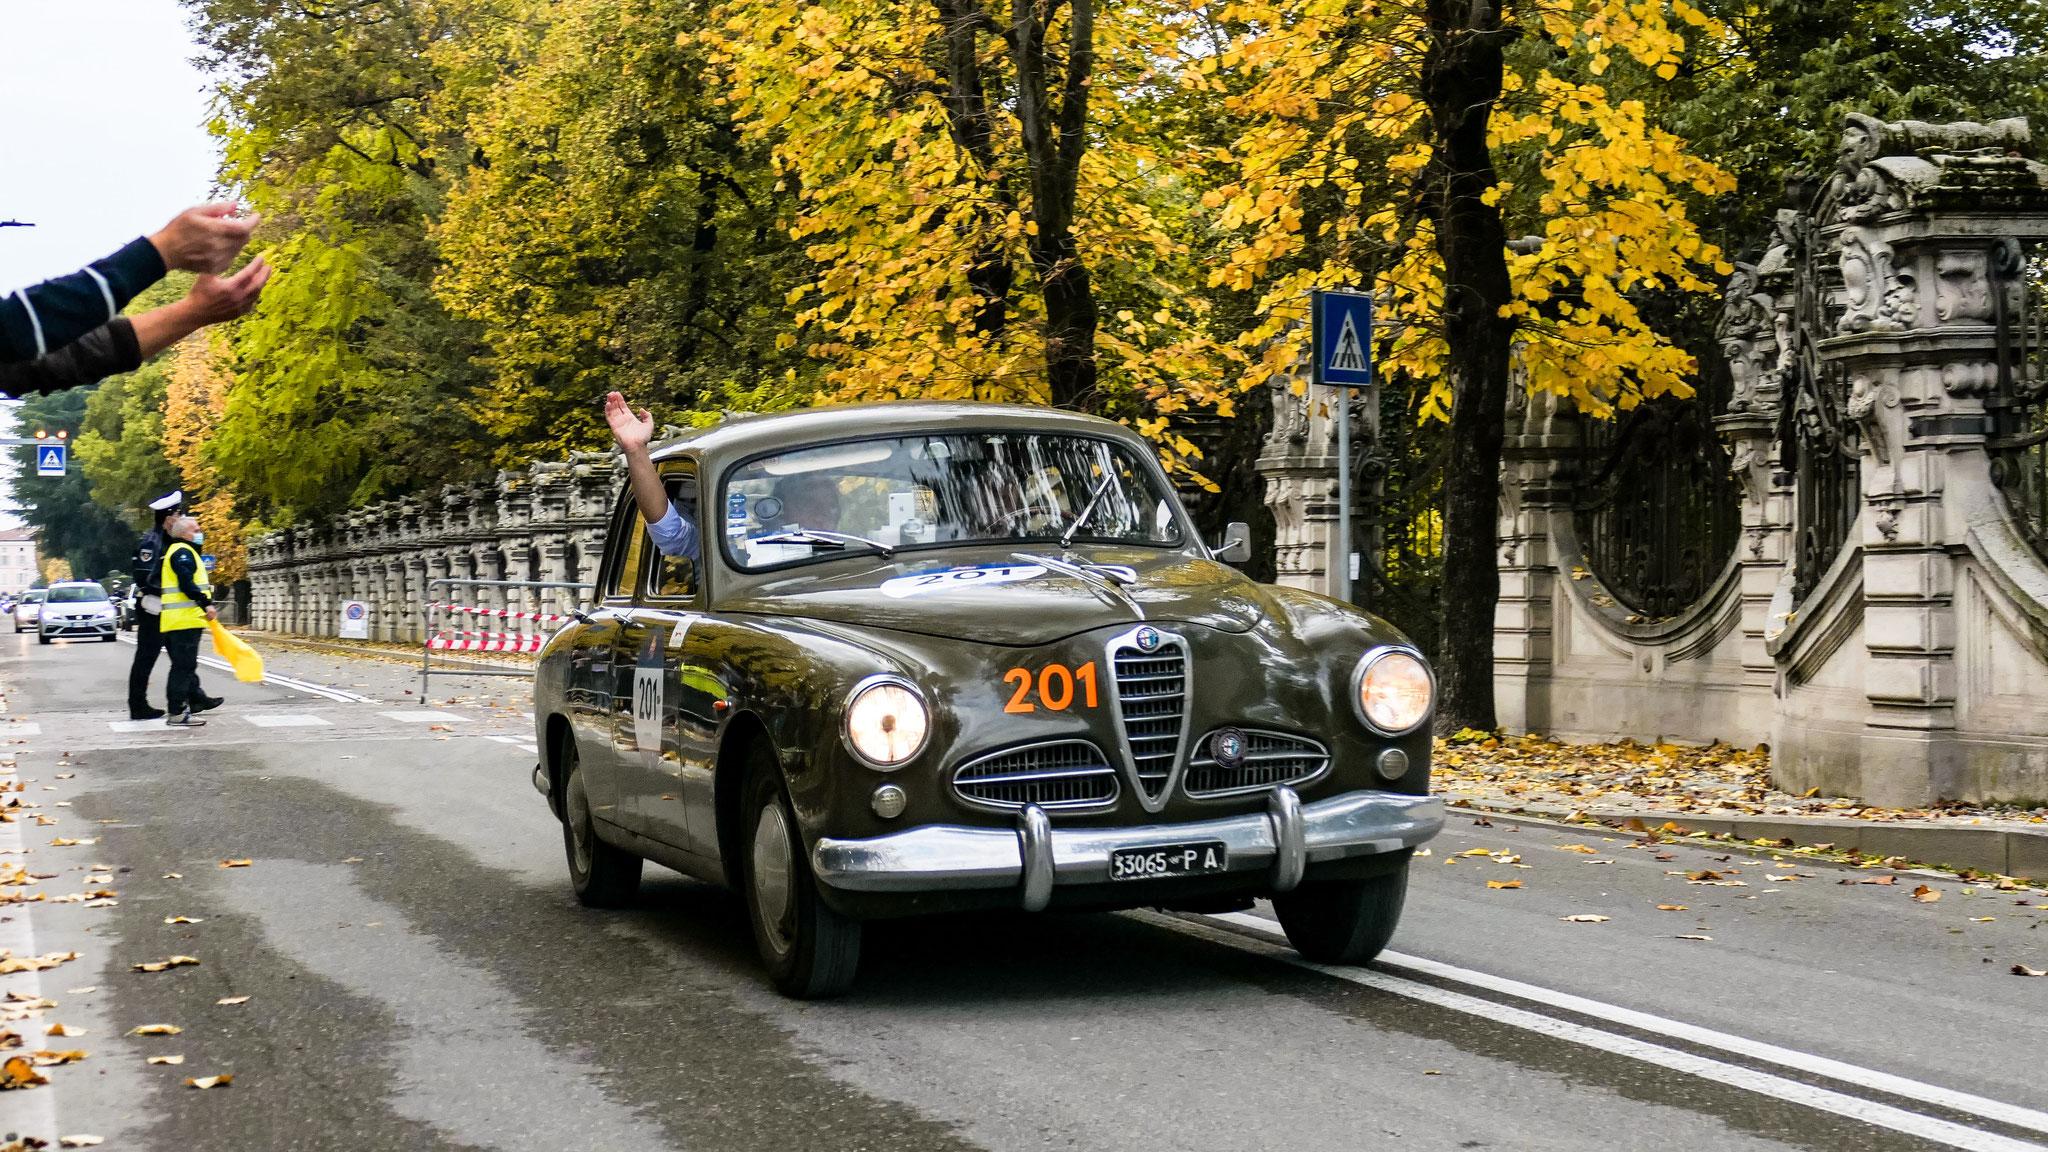 Alfa Romeo 1900 TI - 33065-PA (ITA)